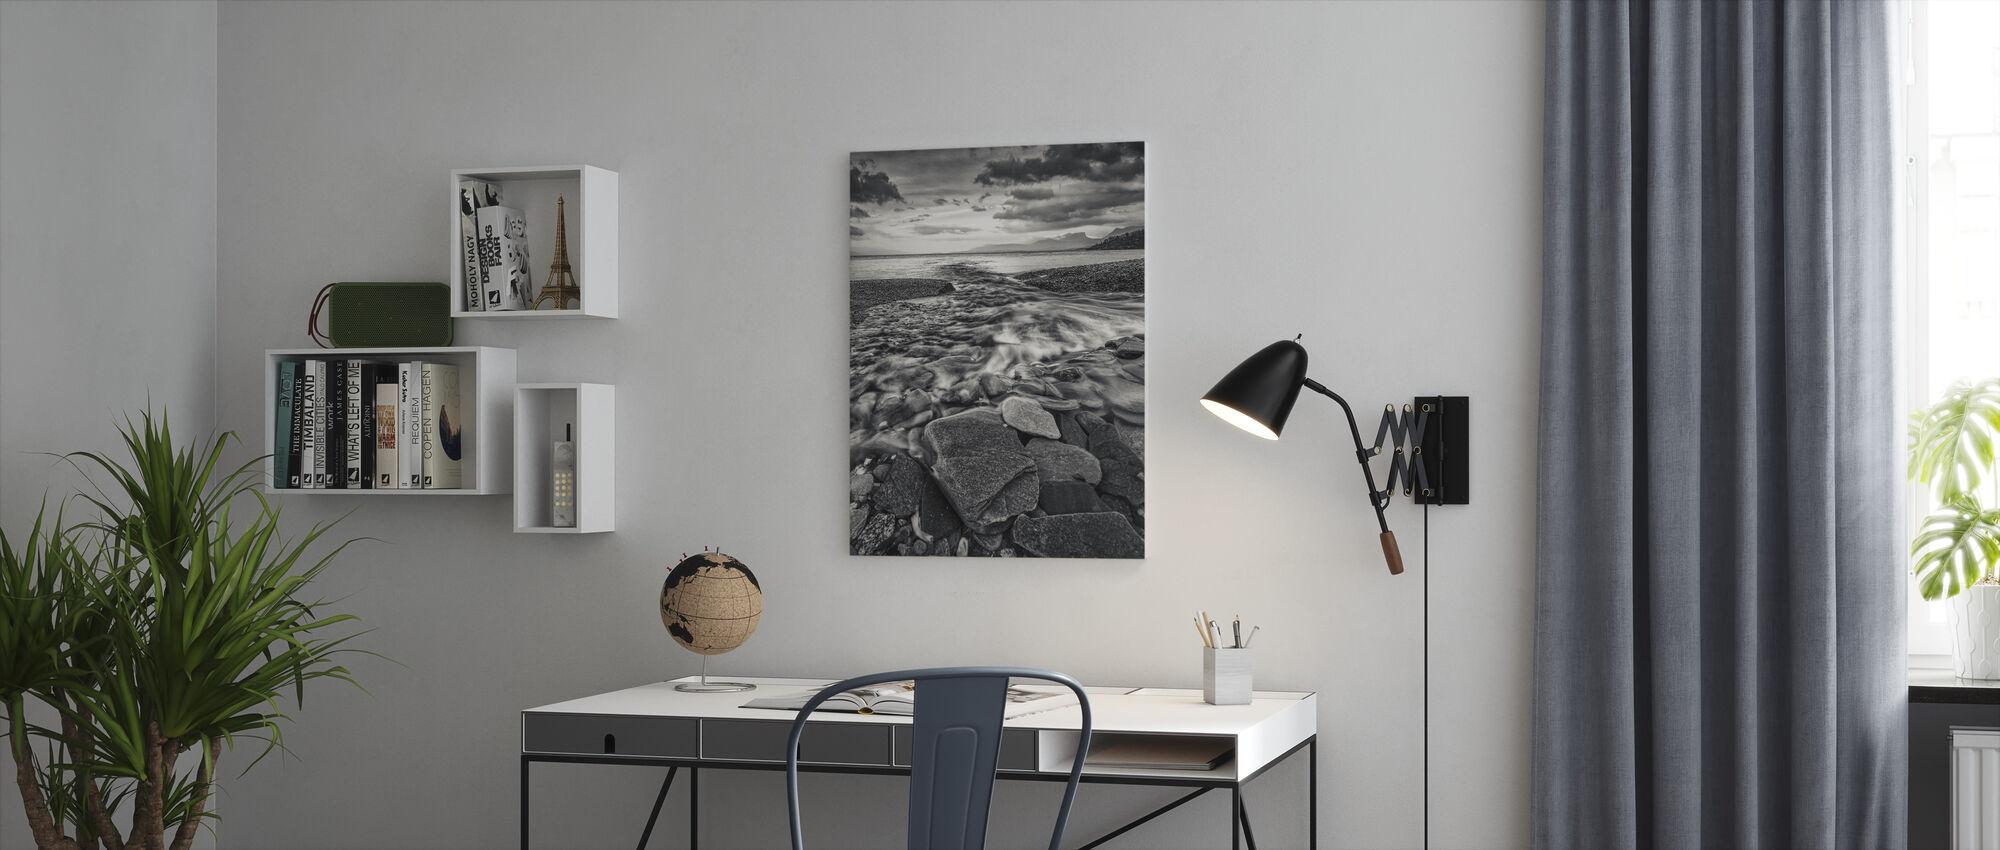 Torneträsk, Lappi - Ruotsi - Canvastaulu - Toimisto